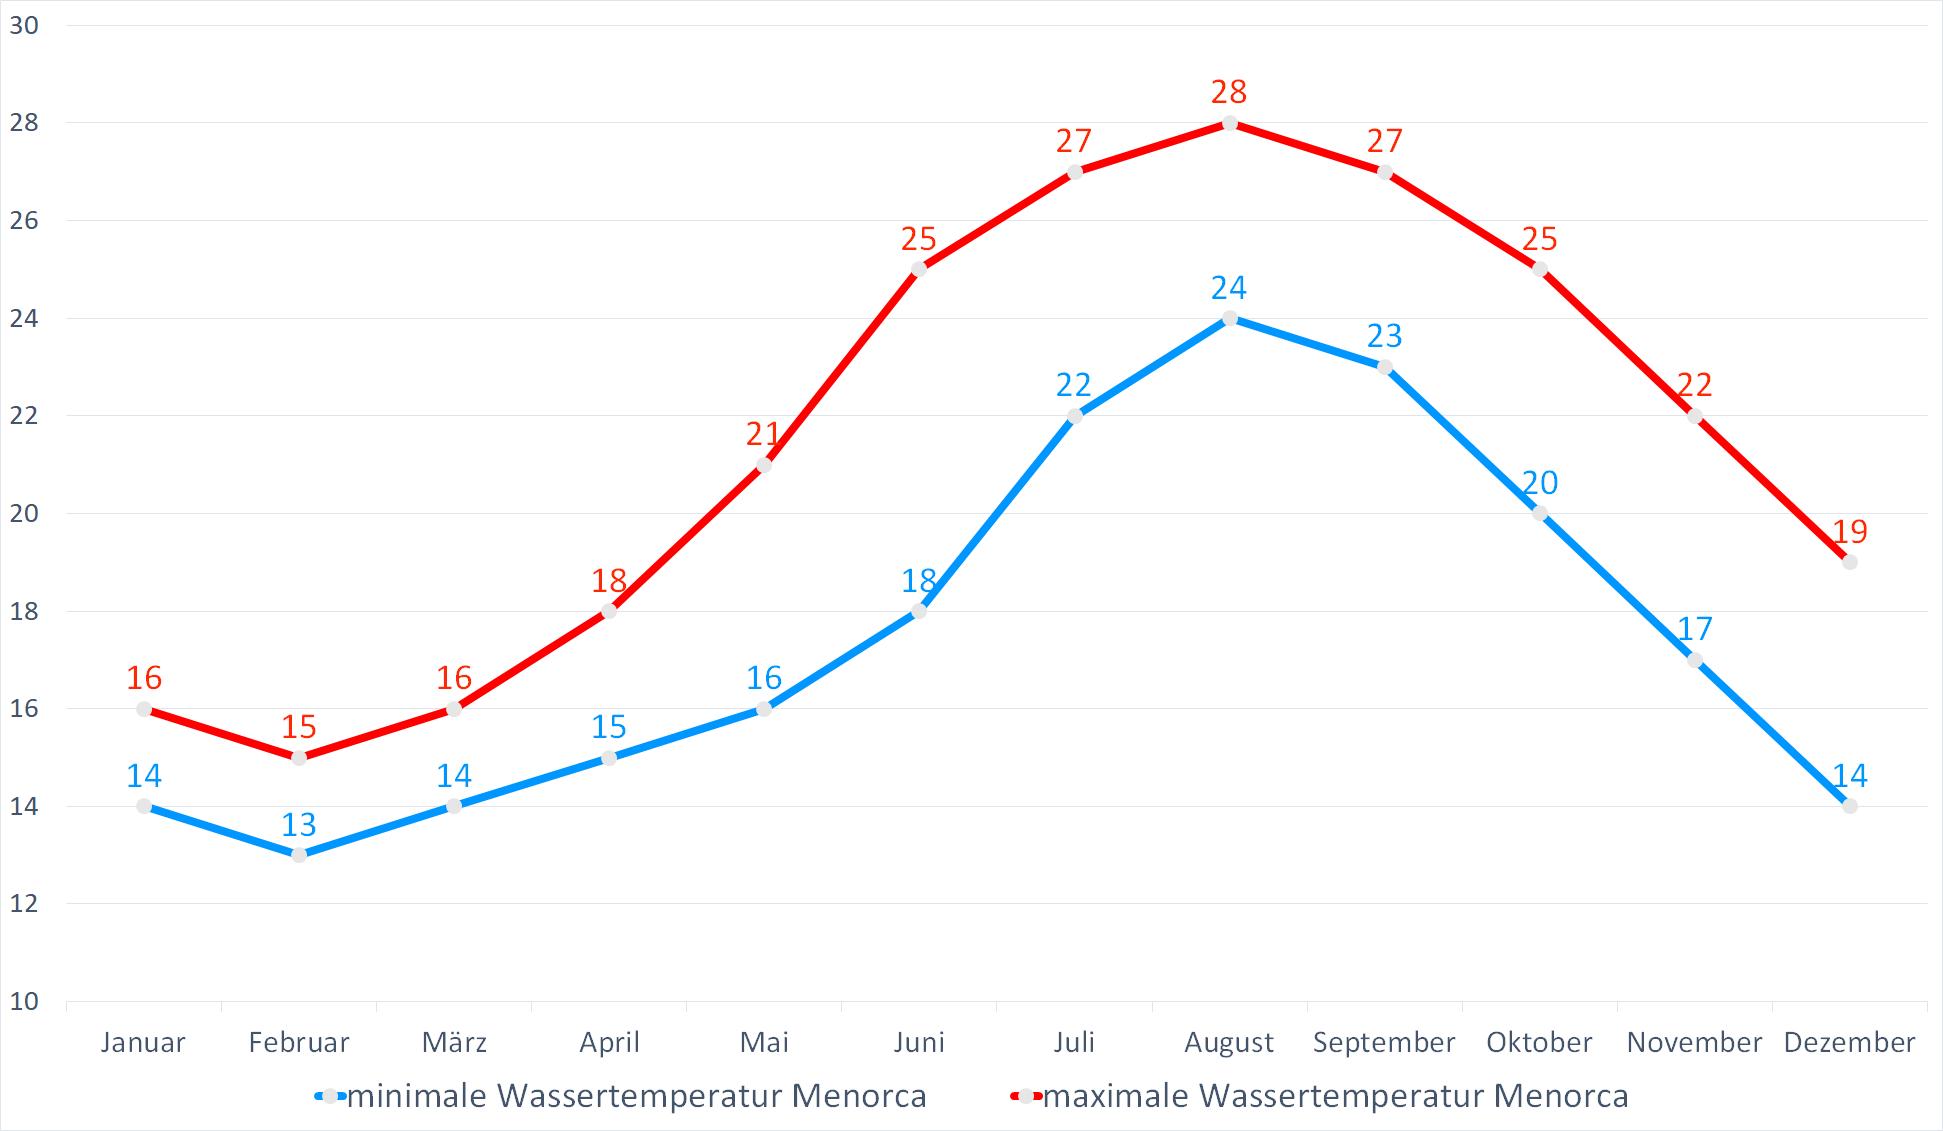 Minimale & Maximale Wassertemperaturen für Menorca im Jahresverlauf